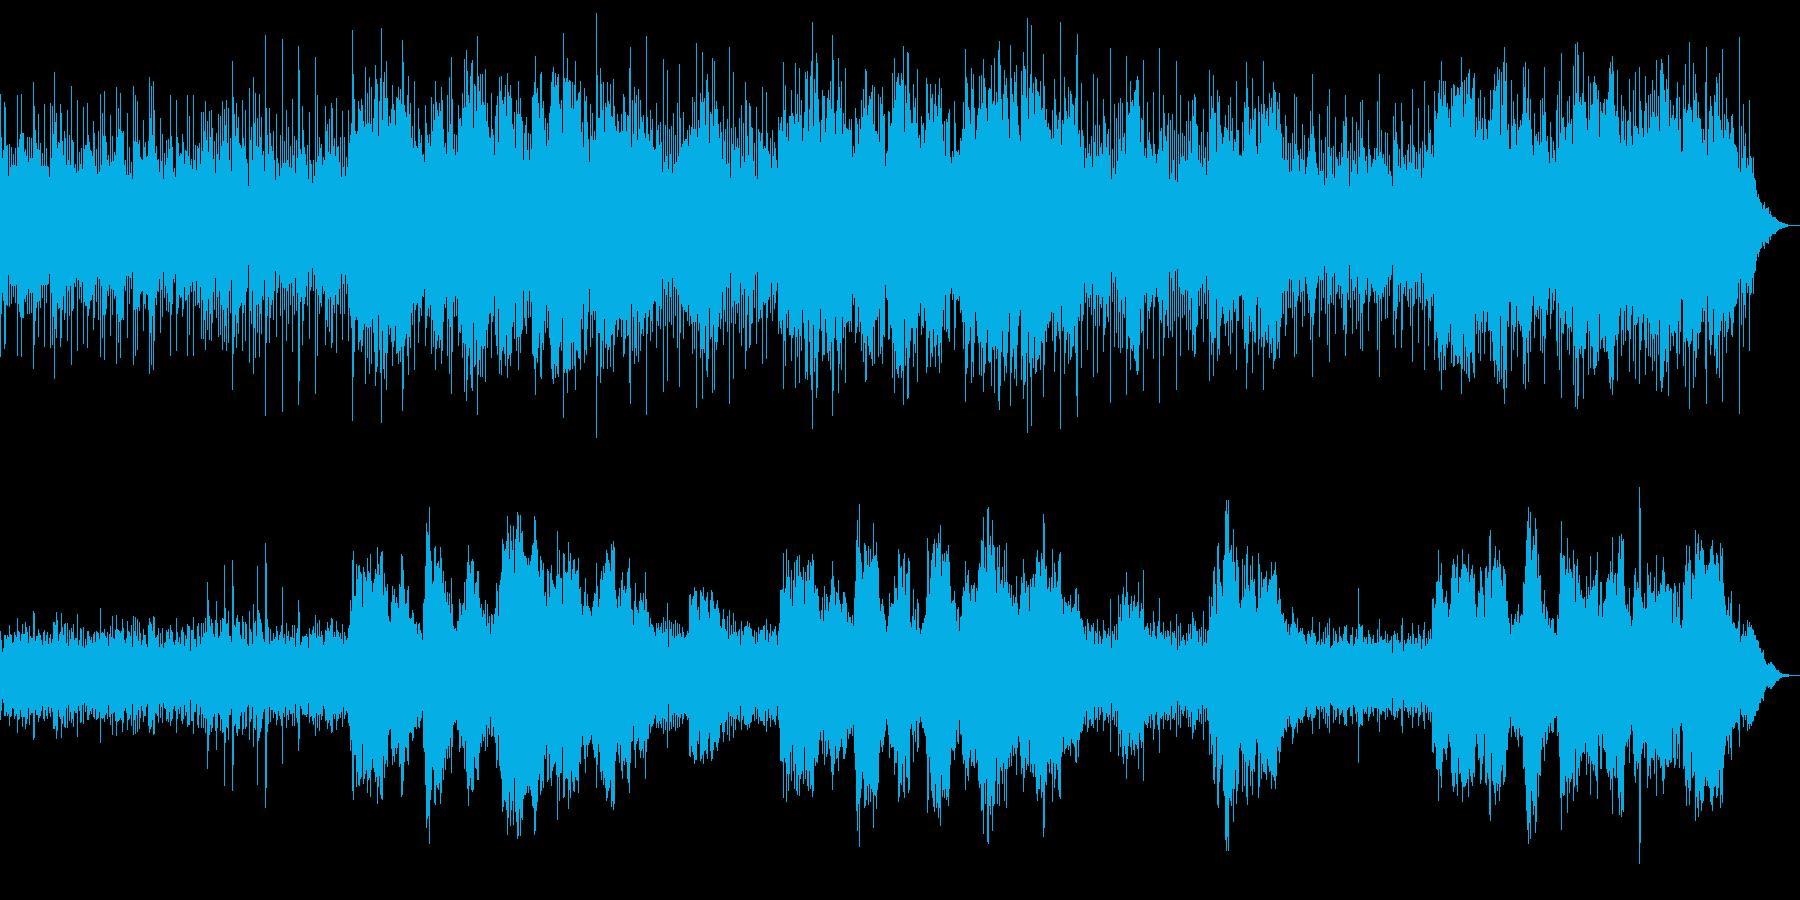 壮大で神聖なリラクゼーションアコギBGMの再生済みの波形